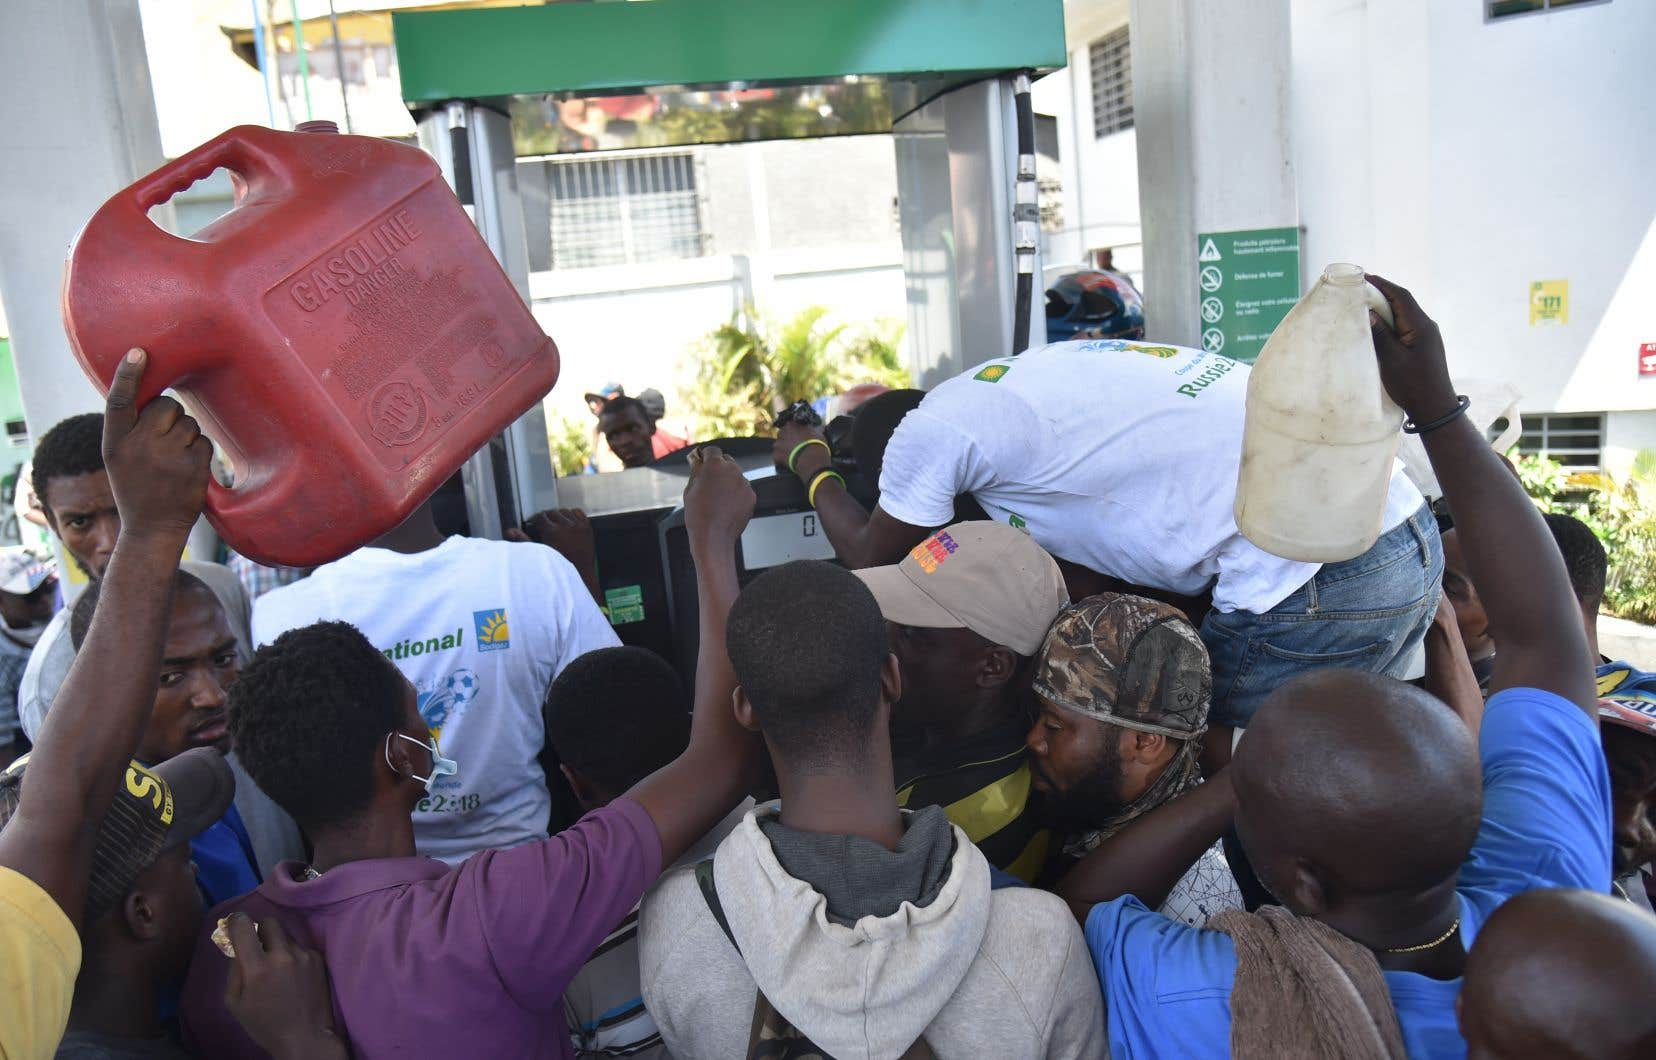 Environ 60 % des Haïtiens vivent avec moins de deux dollars par jour et cette majorité pauvre de la population est très sensible à la moindre variation des prix.